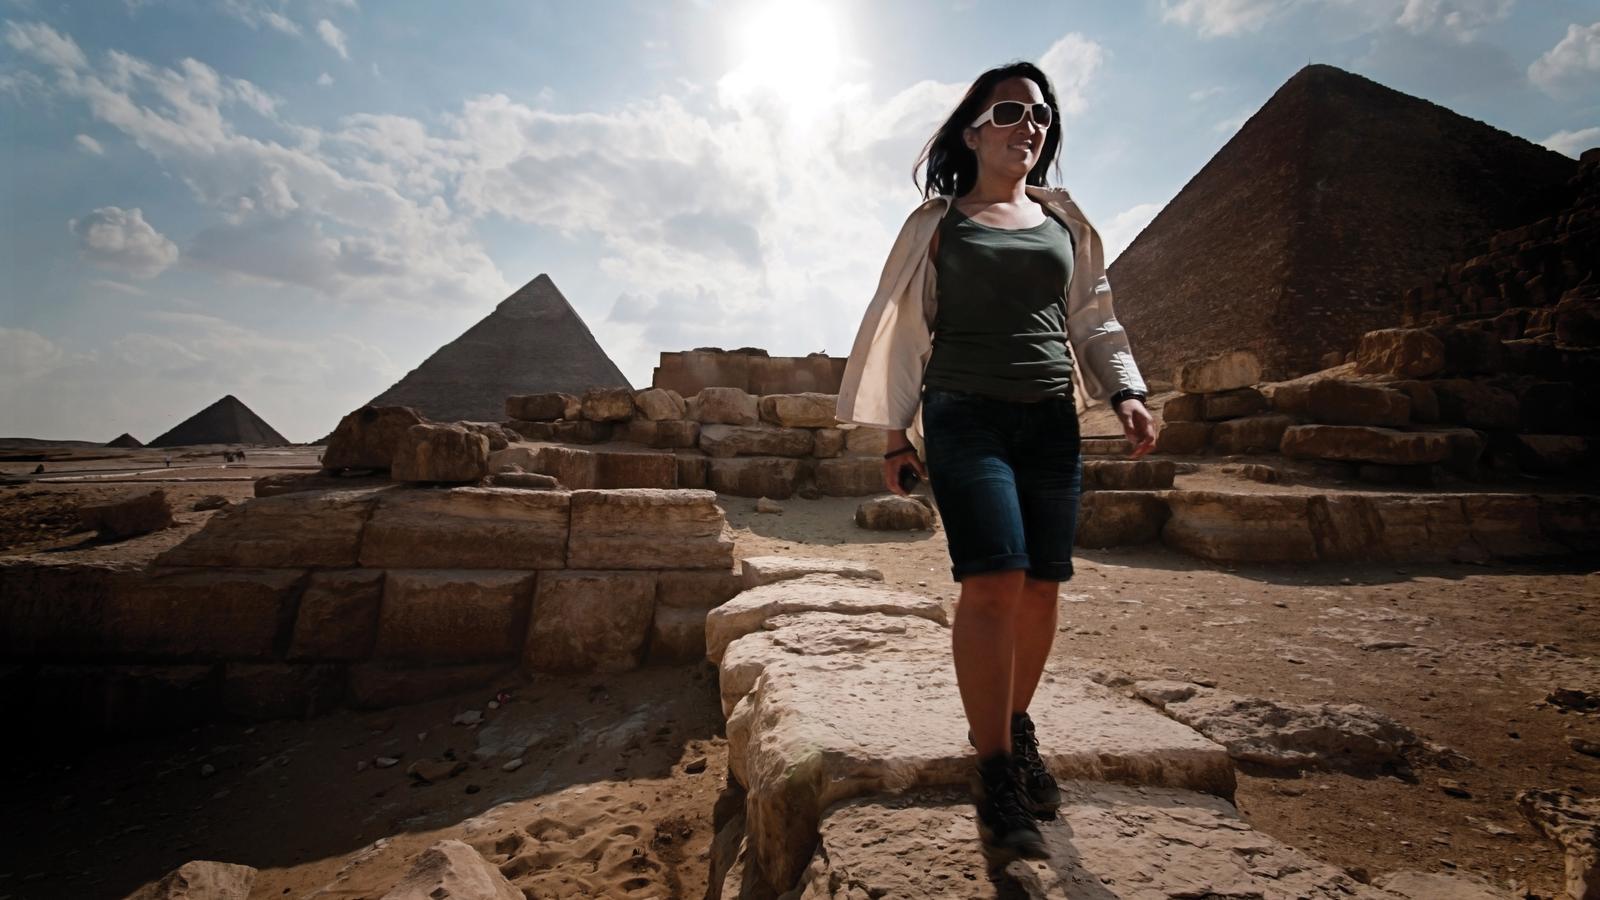 Ägypten Reisen für junge Leute Nordafrika preiswert reisen traveljunkies